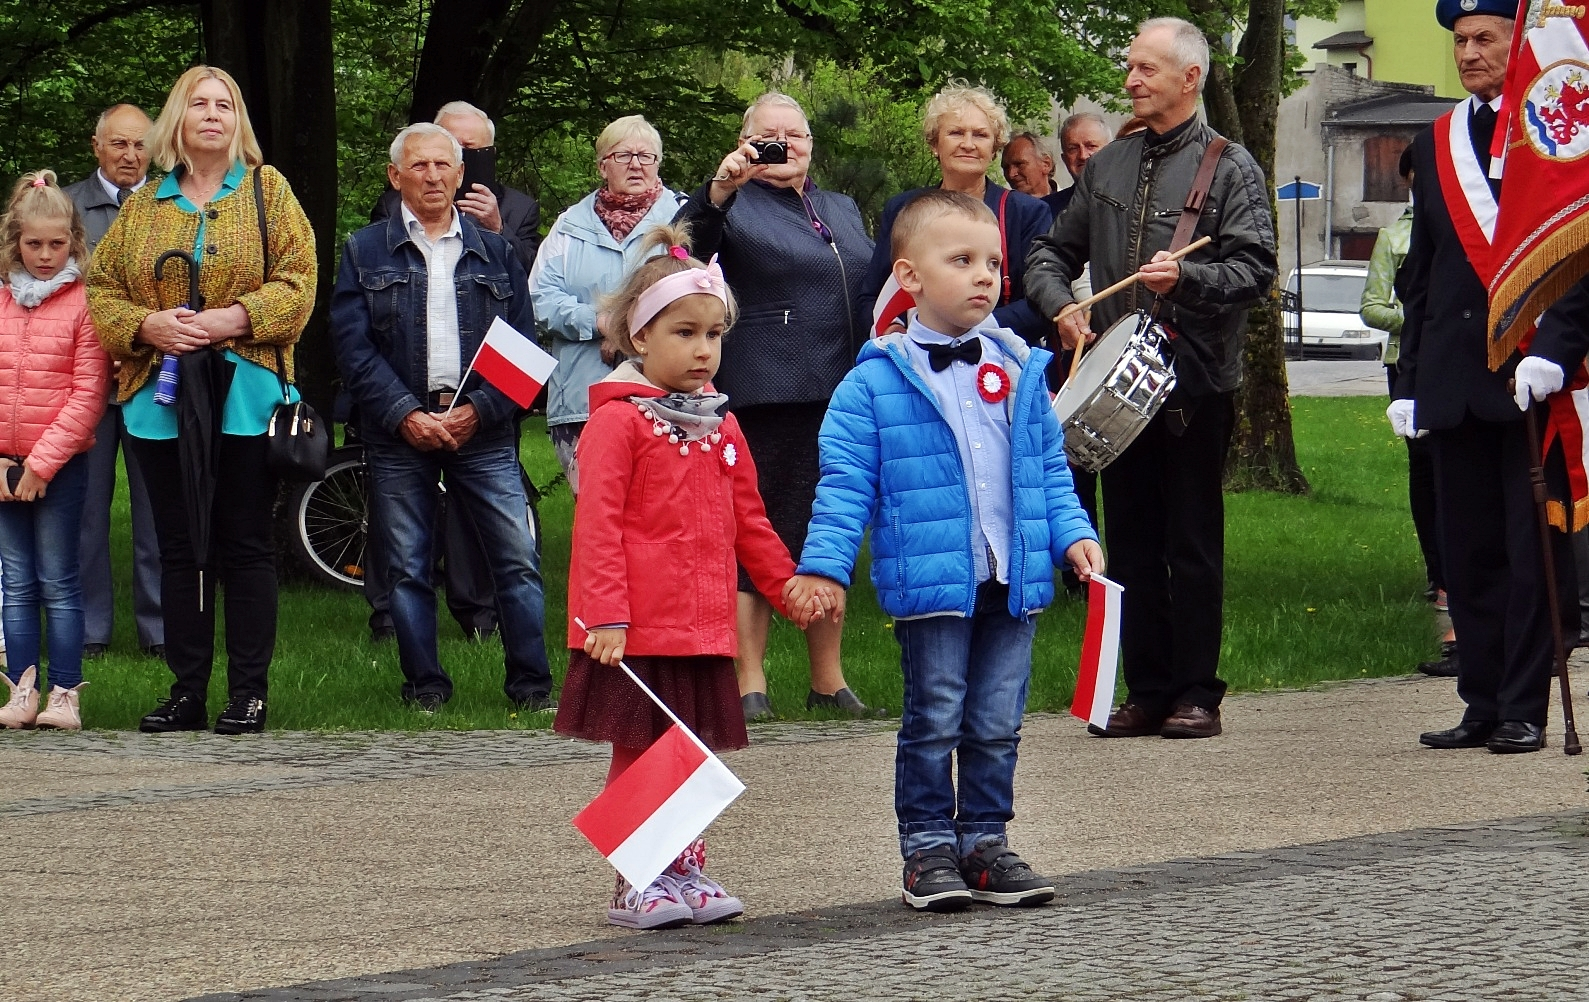 Konstytucja 3 Maja. Miejskie obchody, Miasto Białogard